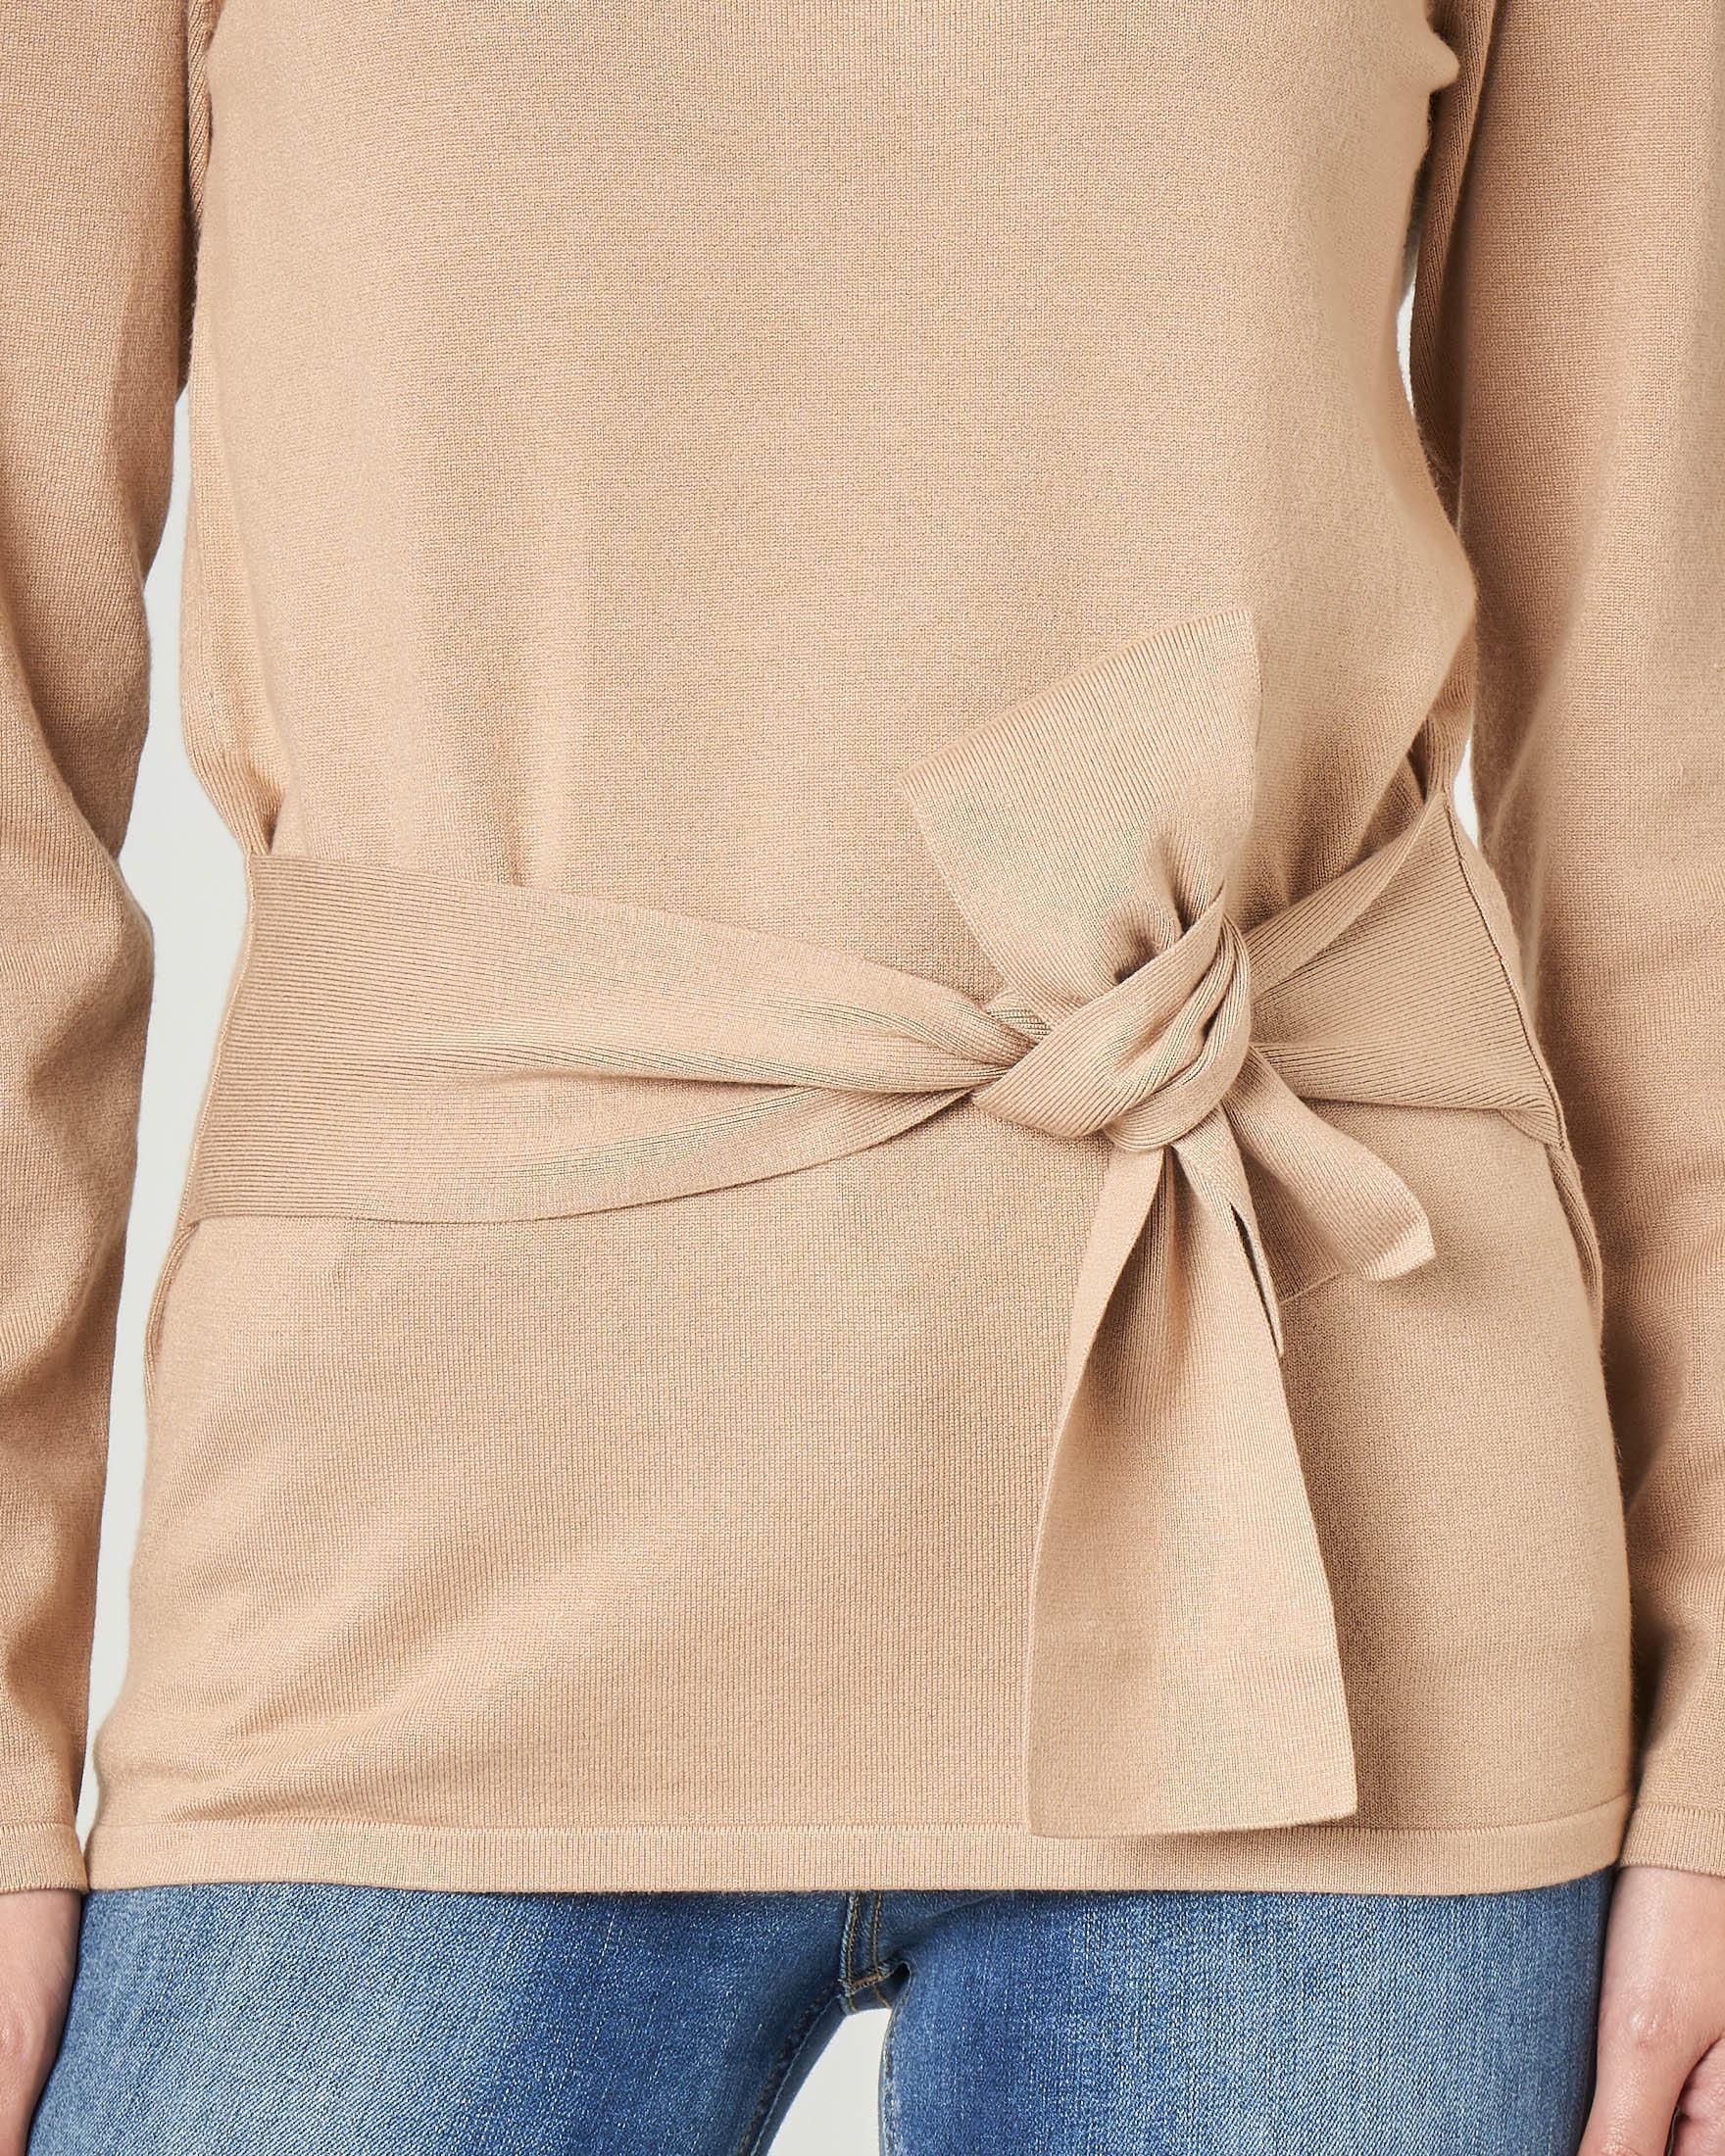 Maglia color cammello in viscosa con cintura in vita abbinata